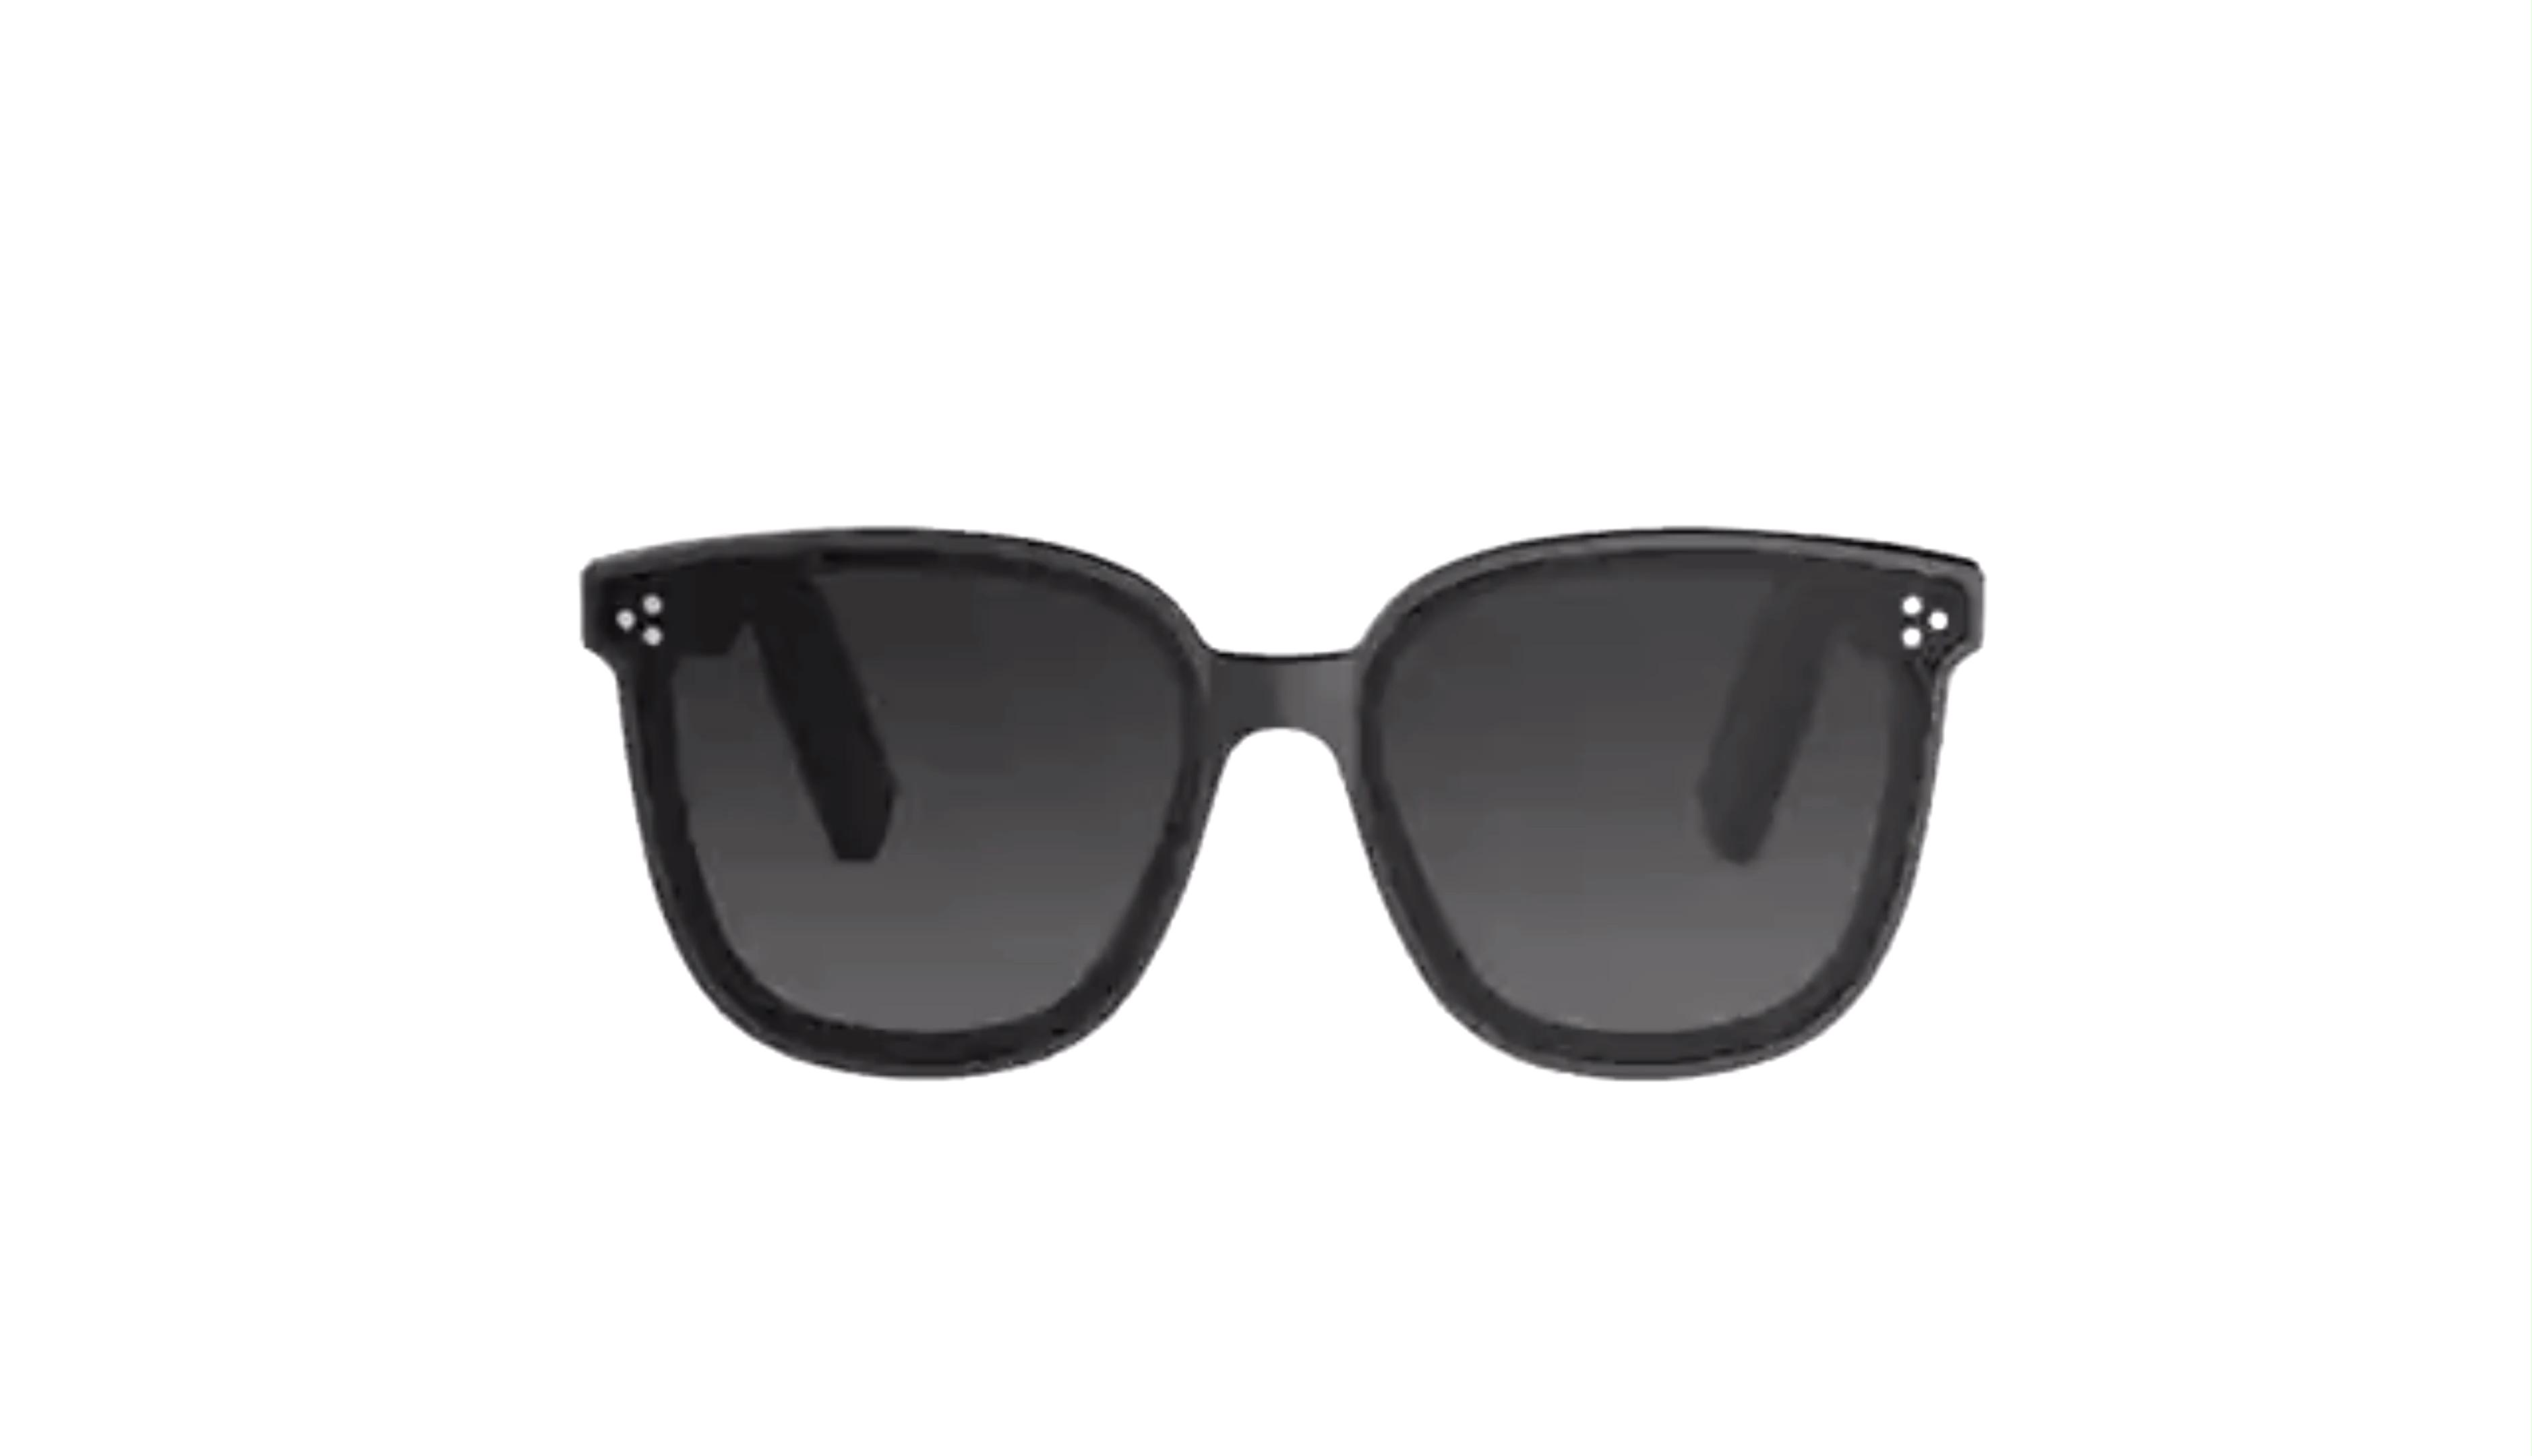 2020 新製品ワイヤレス bluetooth サングラスハンズフリー音楽眼鏡 bt 5.0 制御スマートエレクトロニクスサングラス